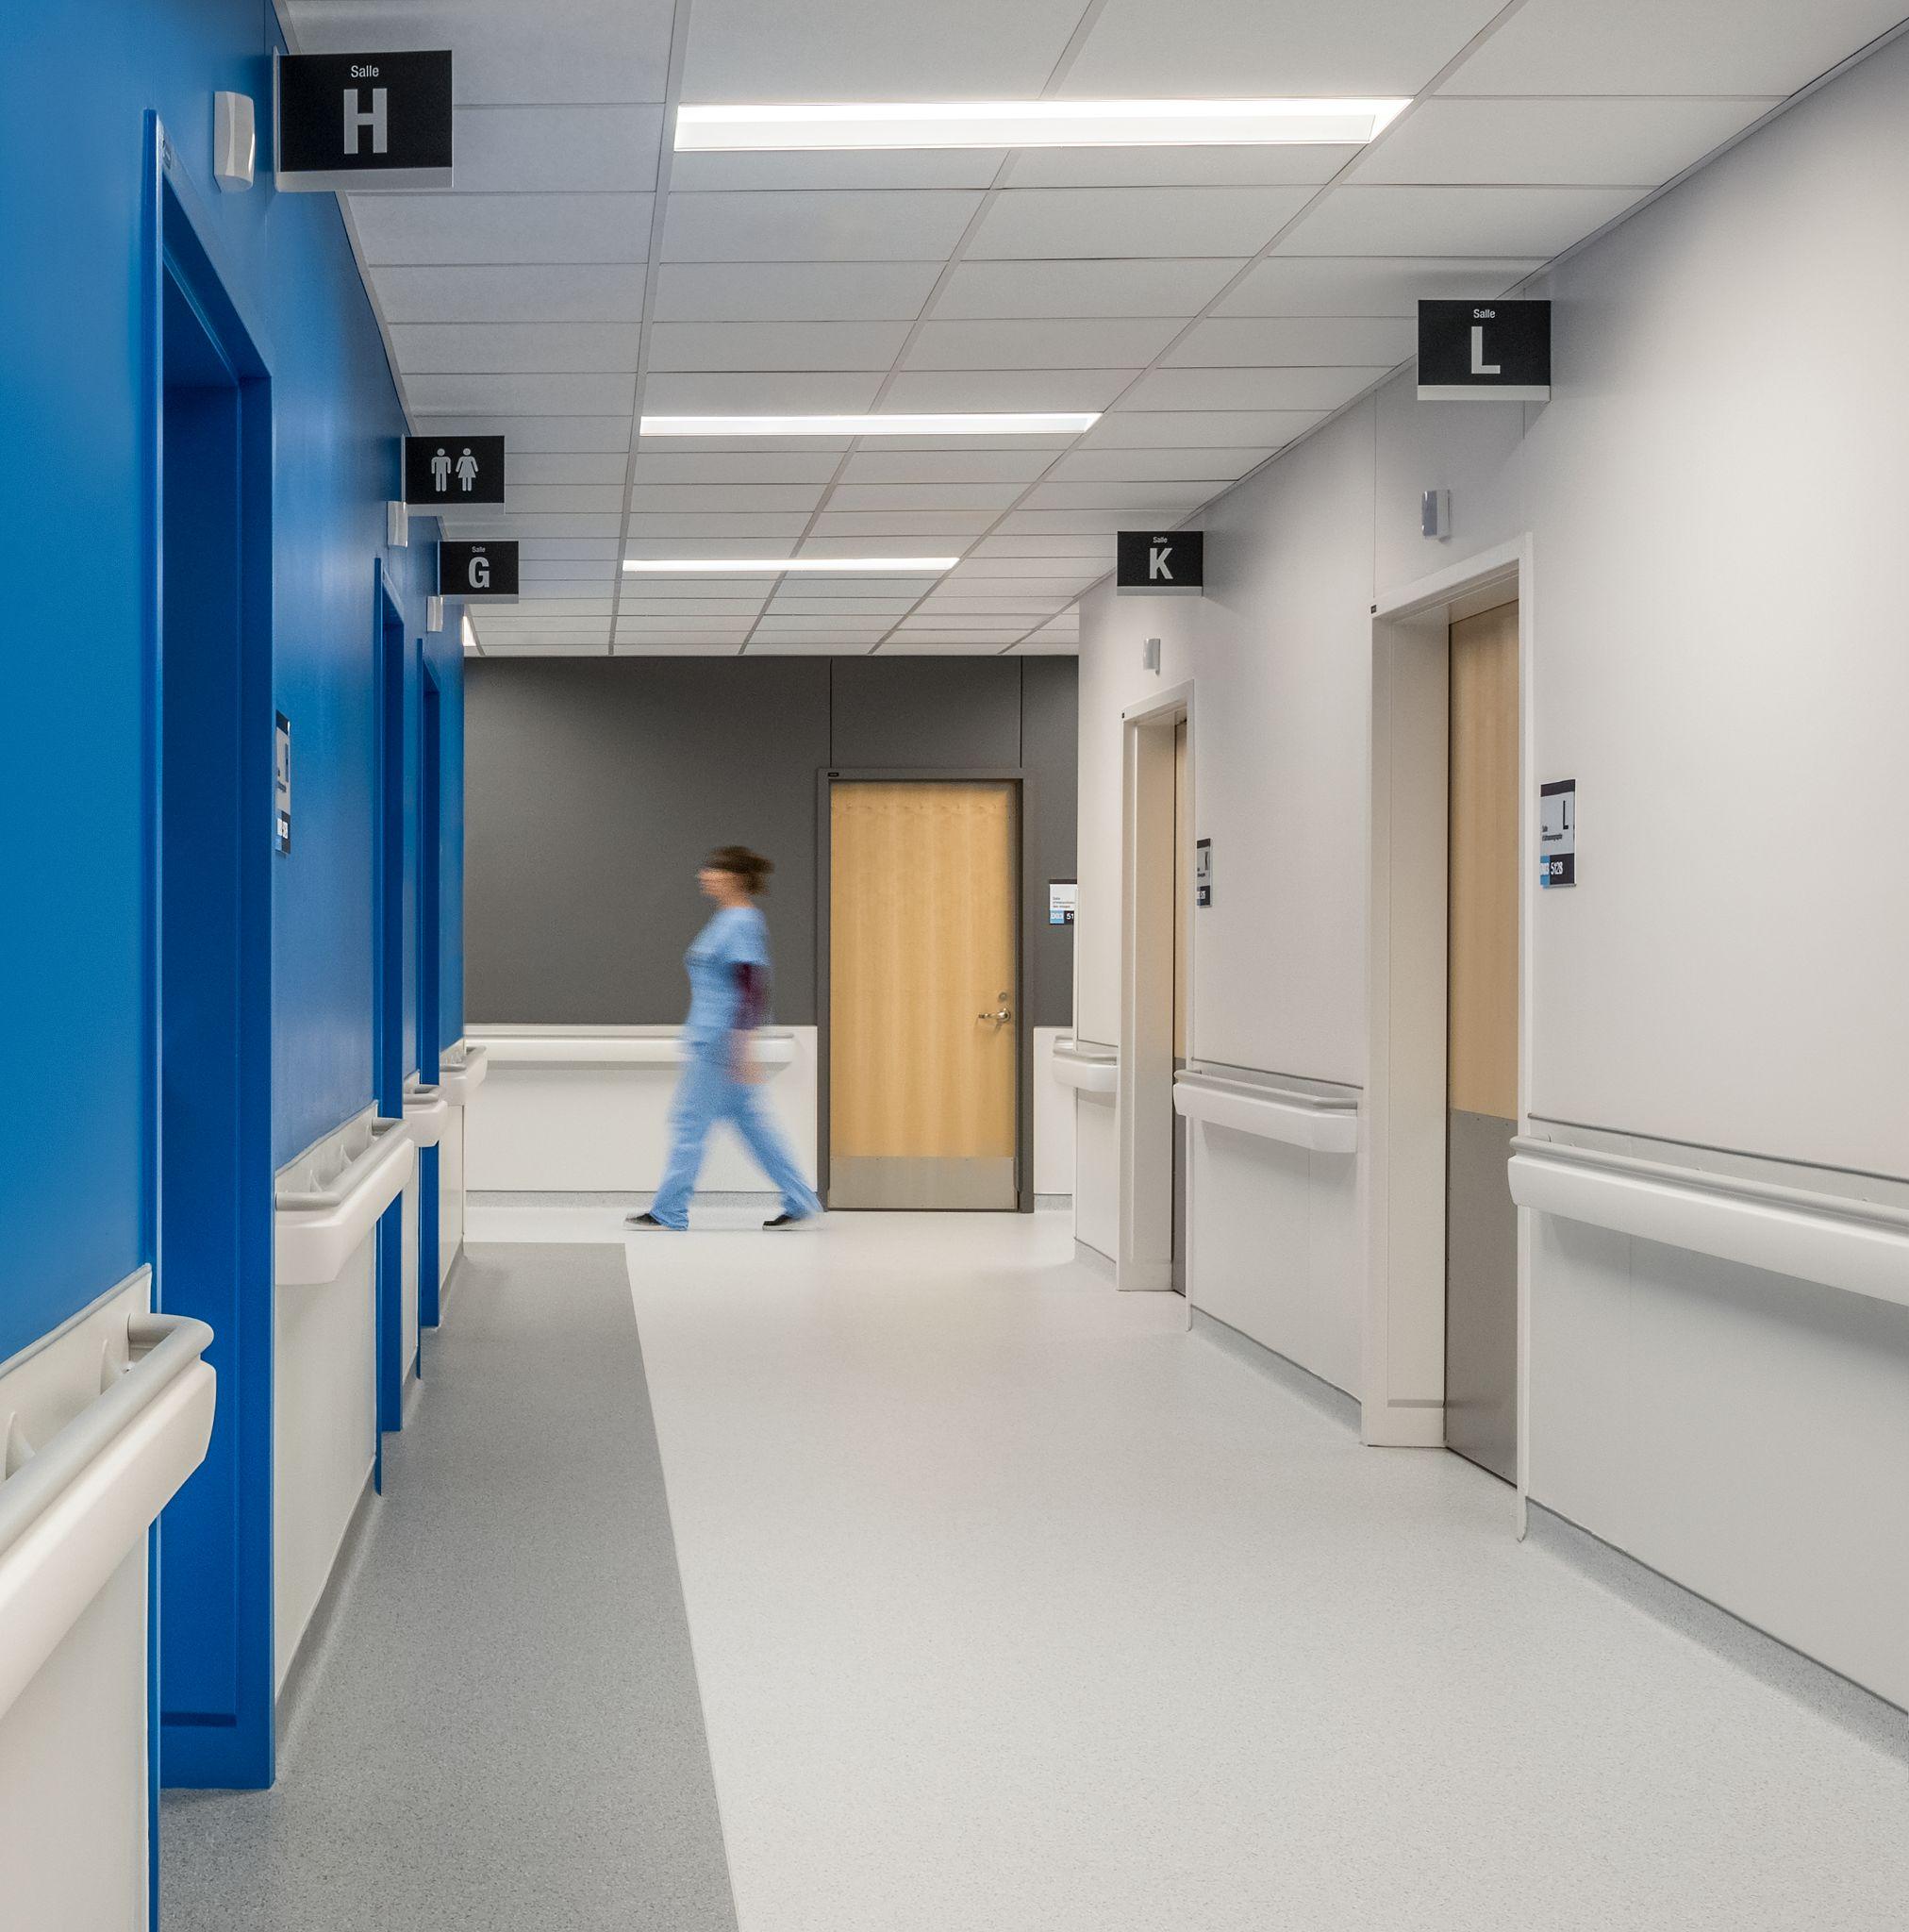 hospital hallway with wooden doors